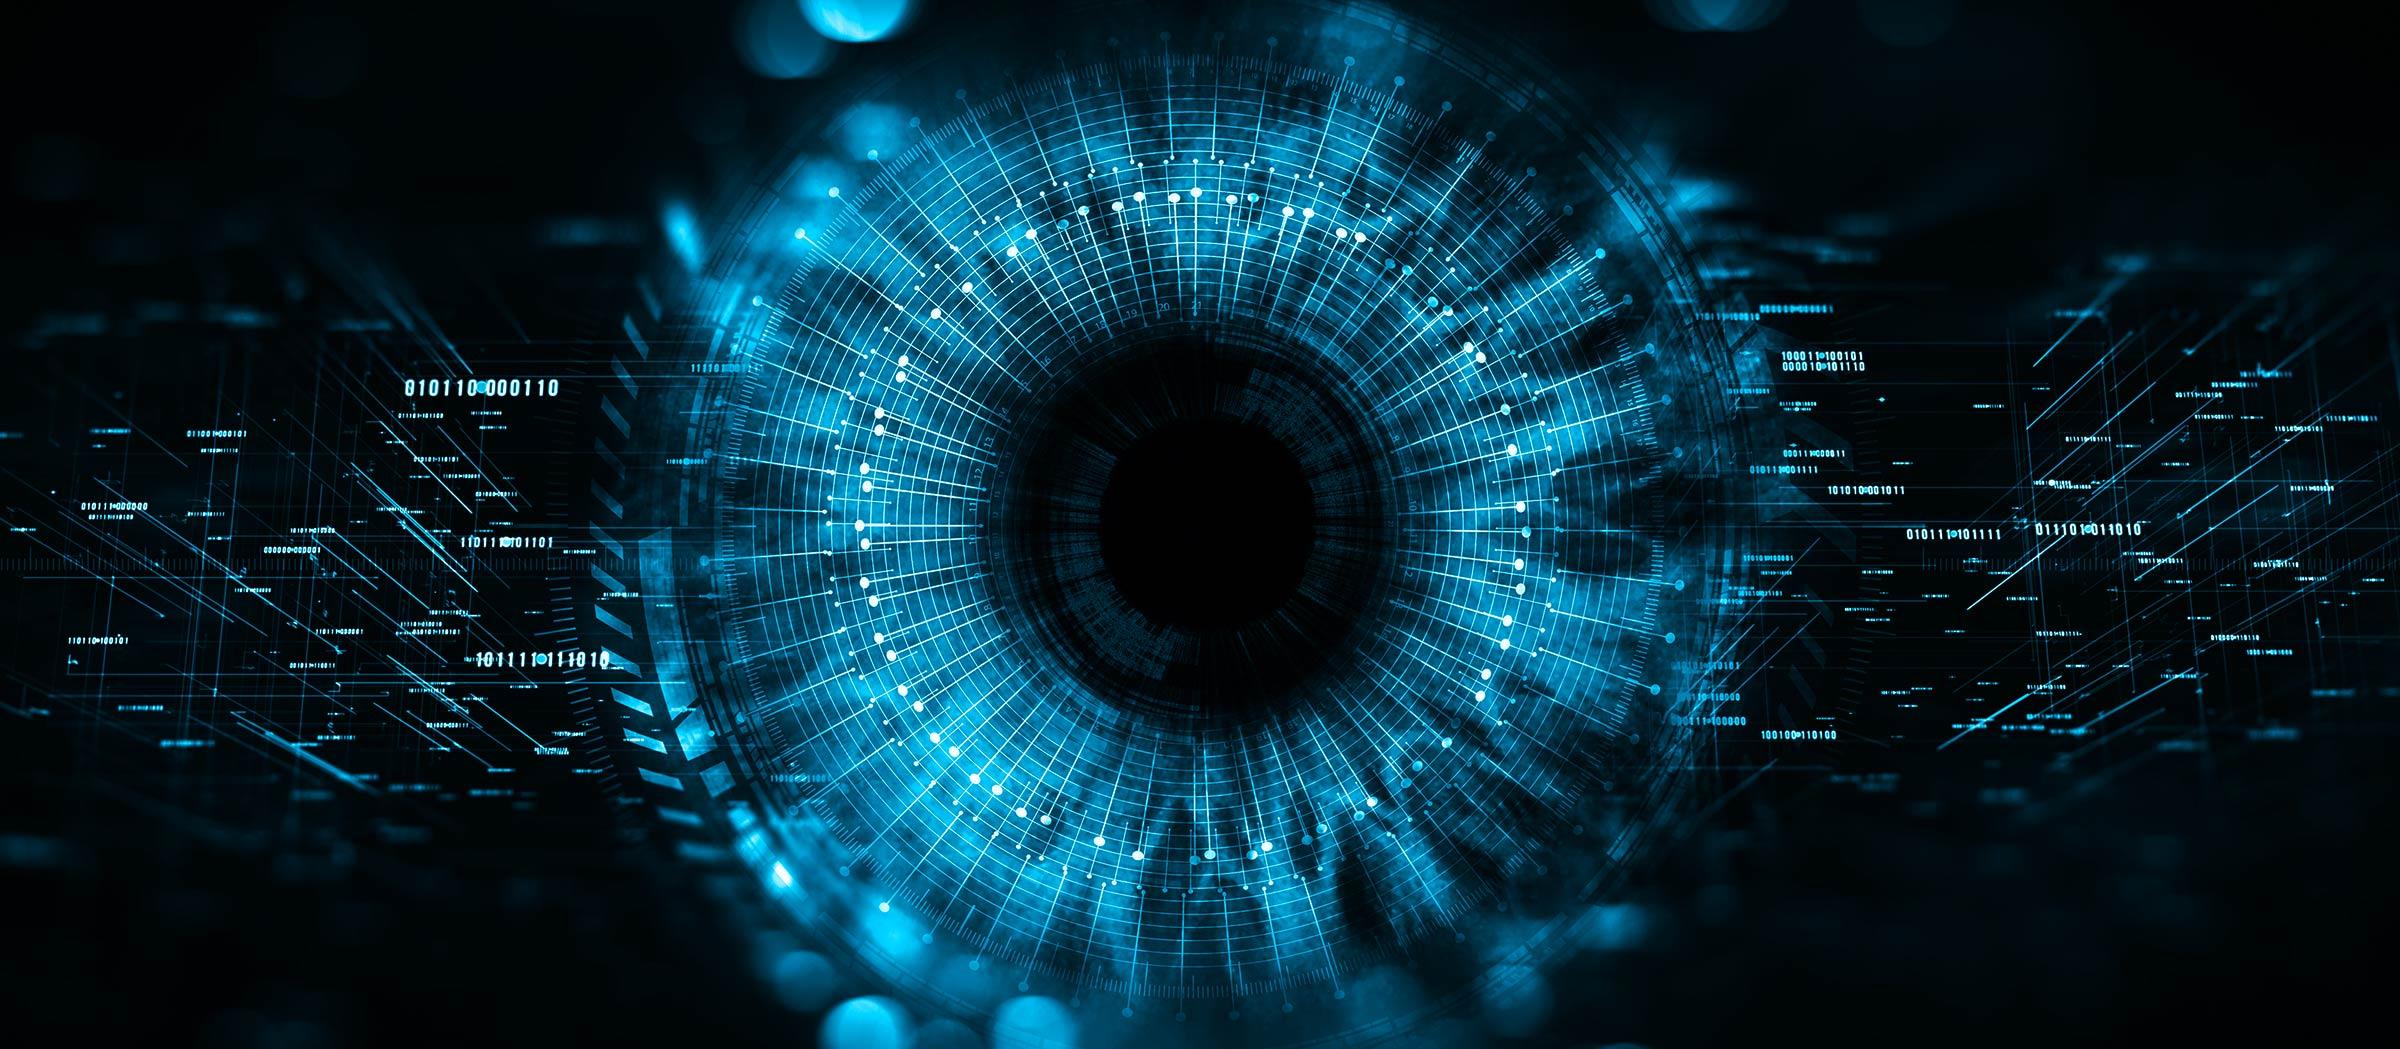 apsaugos nuo įsibrovimo sistemos Apsaugos nuo įsibrovimo sistemos 1682 nb2 gi 1081054030 detection solutions 2400x1049px 0